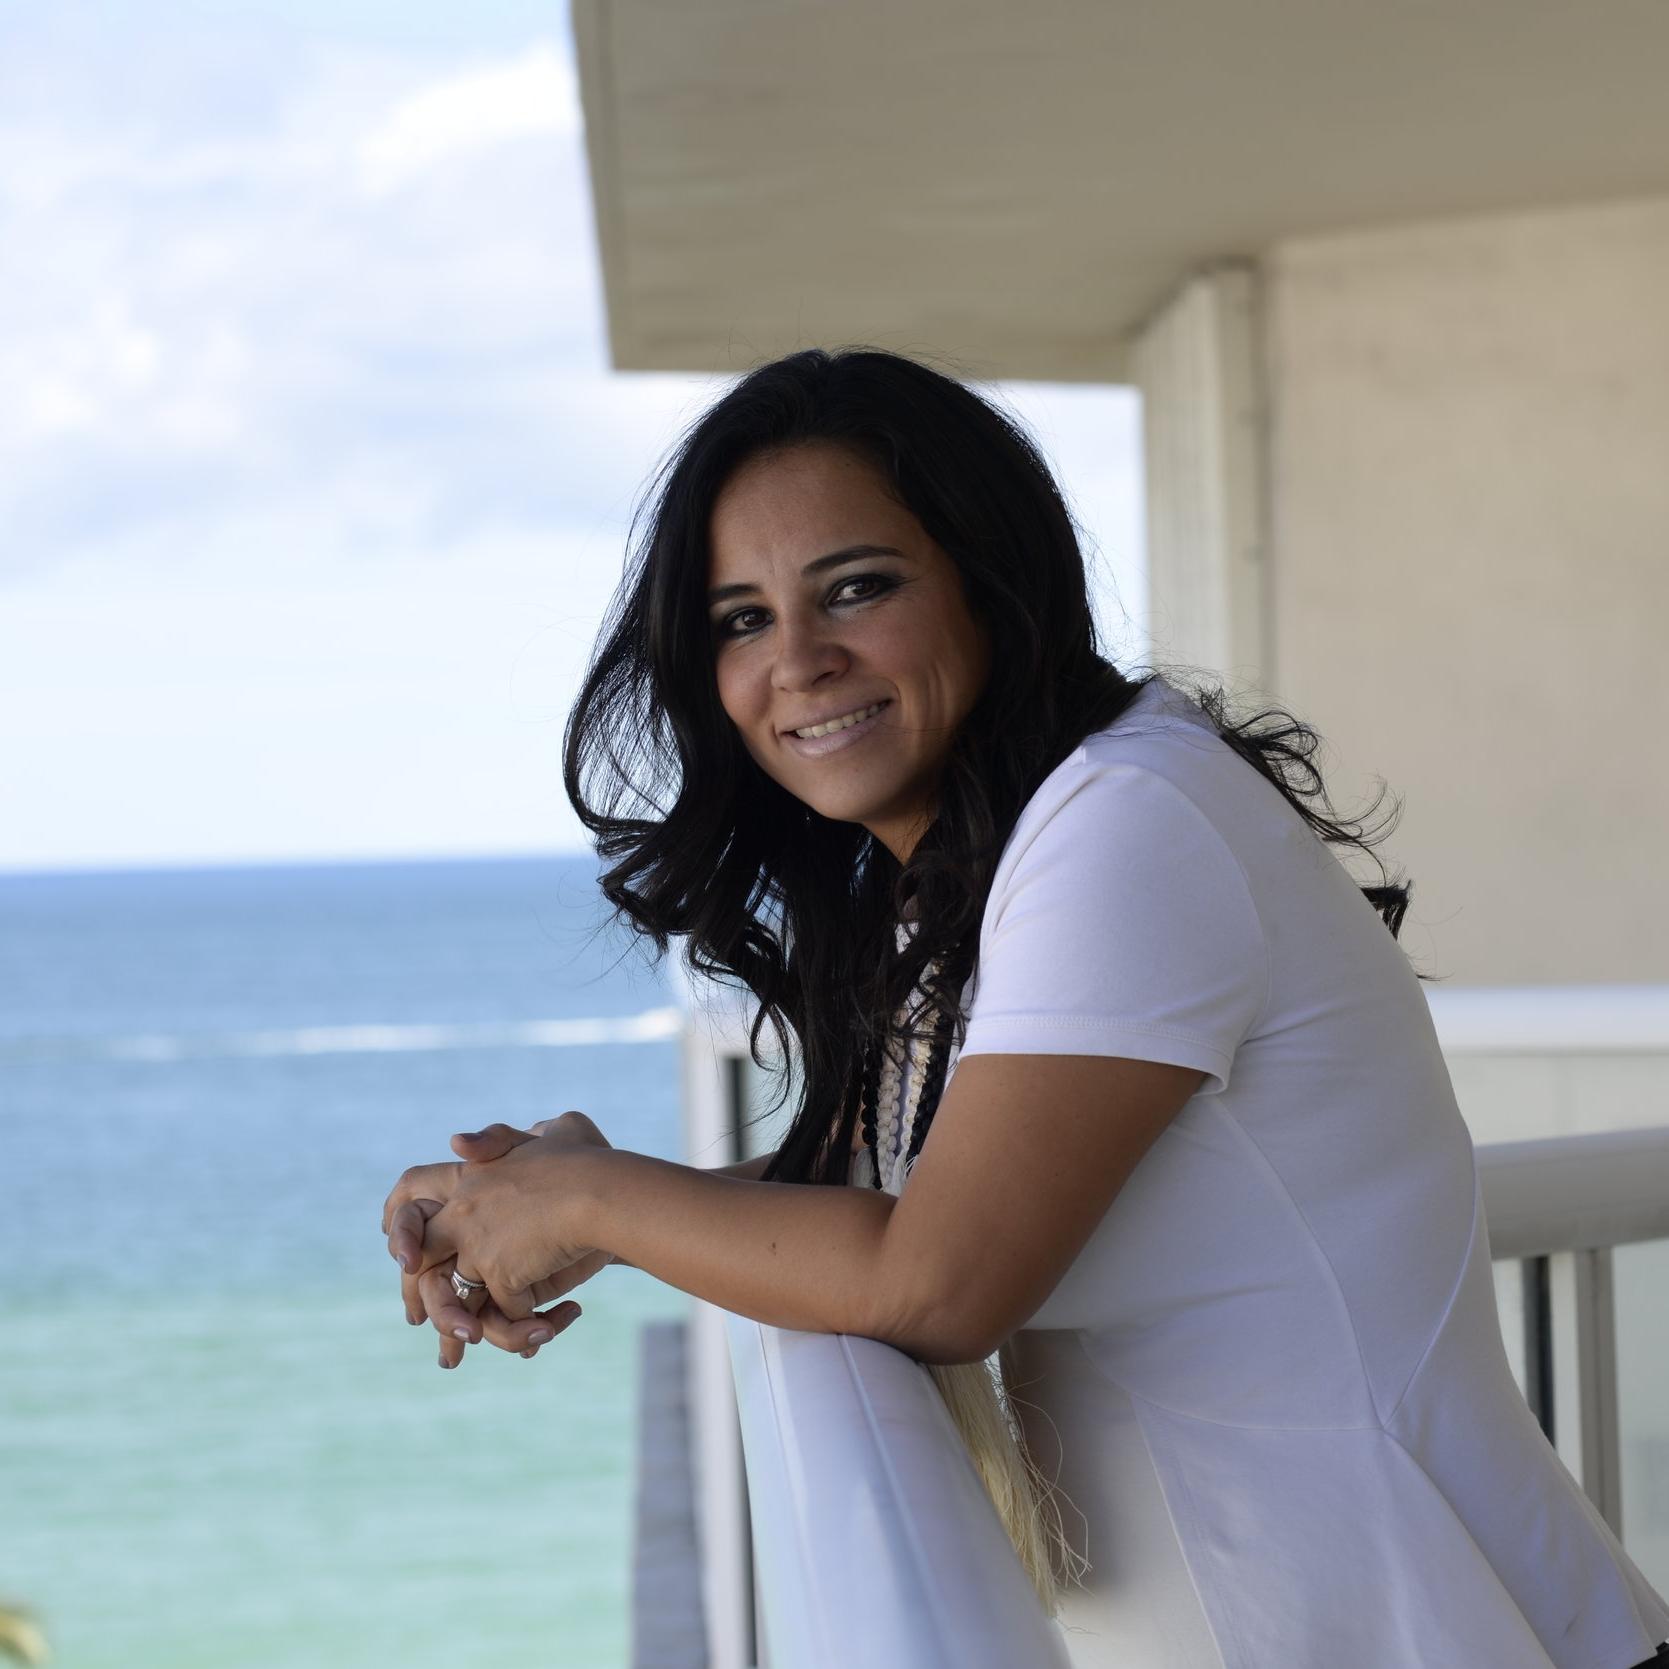 Pilar y playa - maria Guzman.JPG